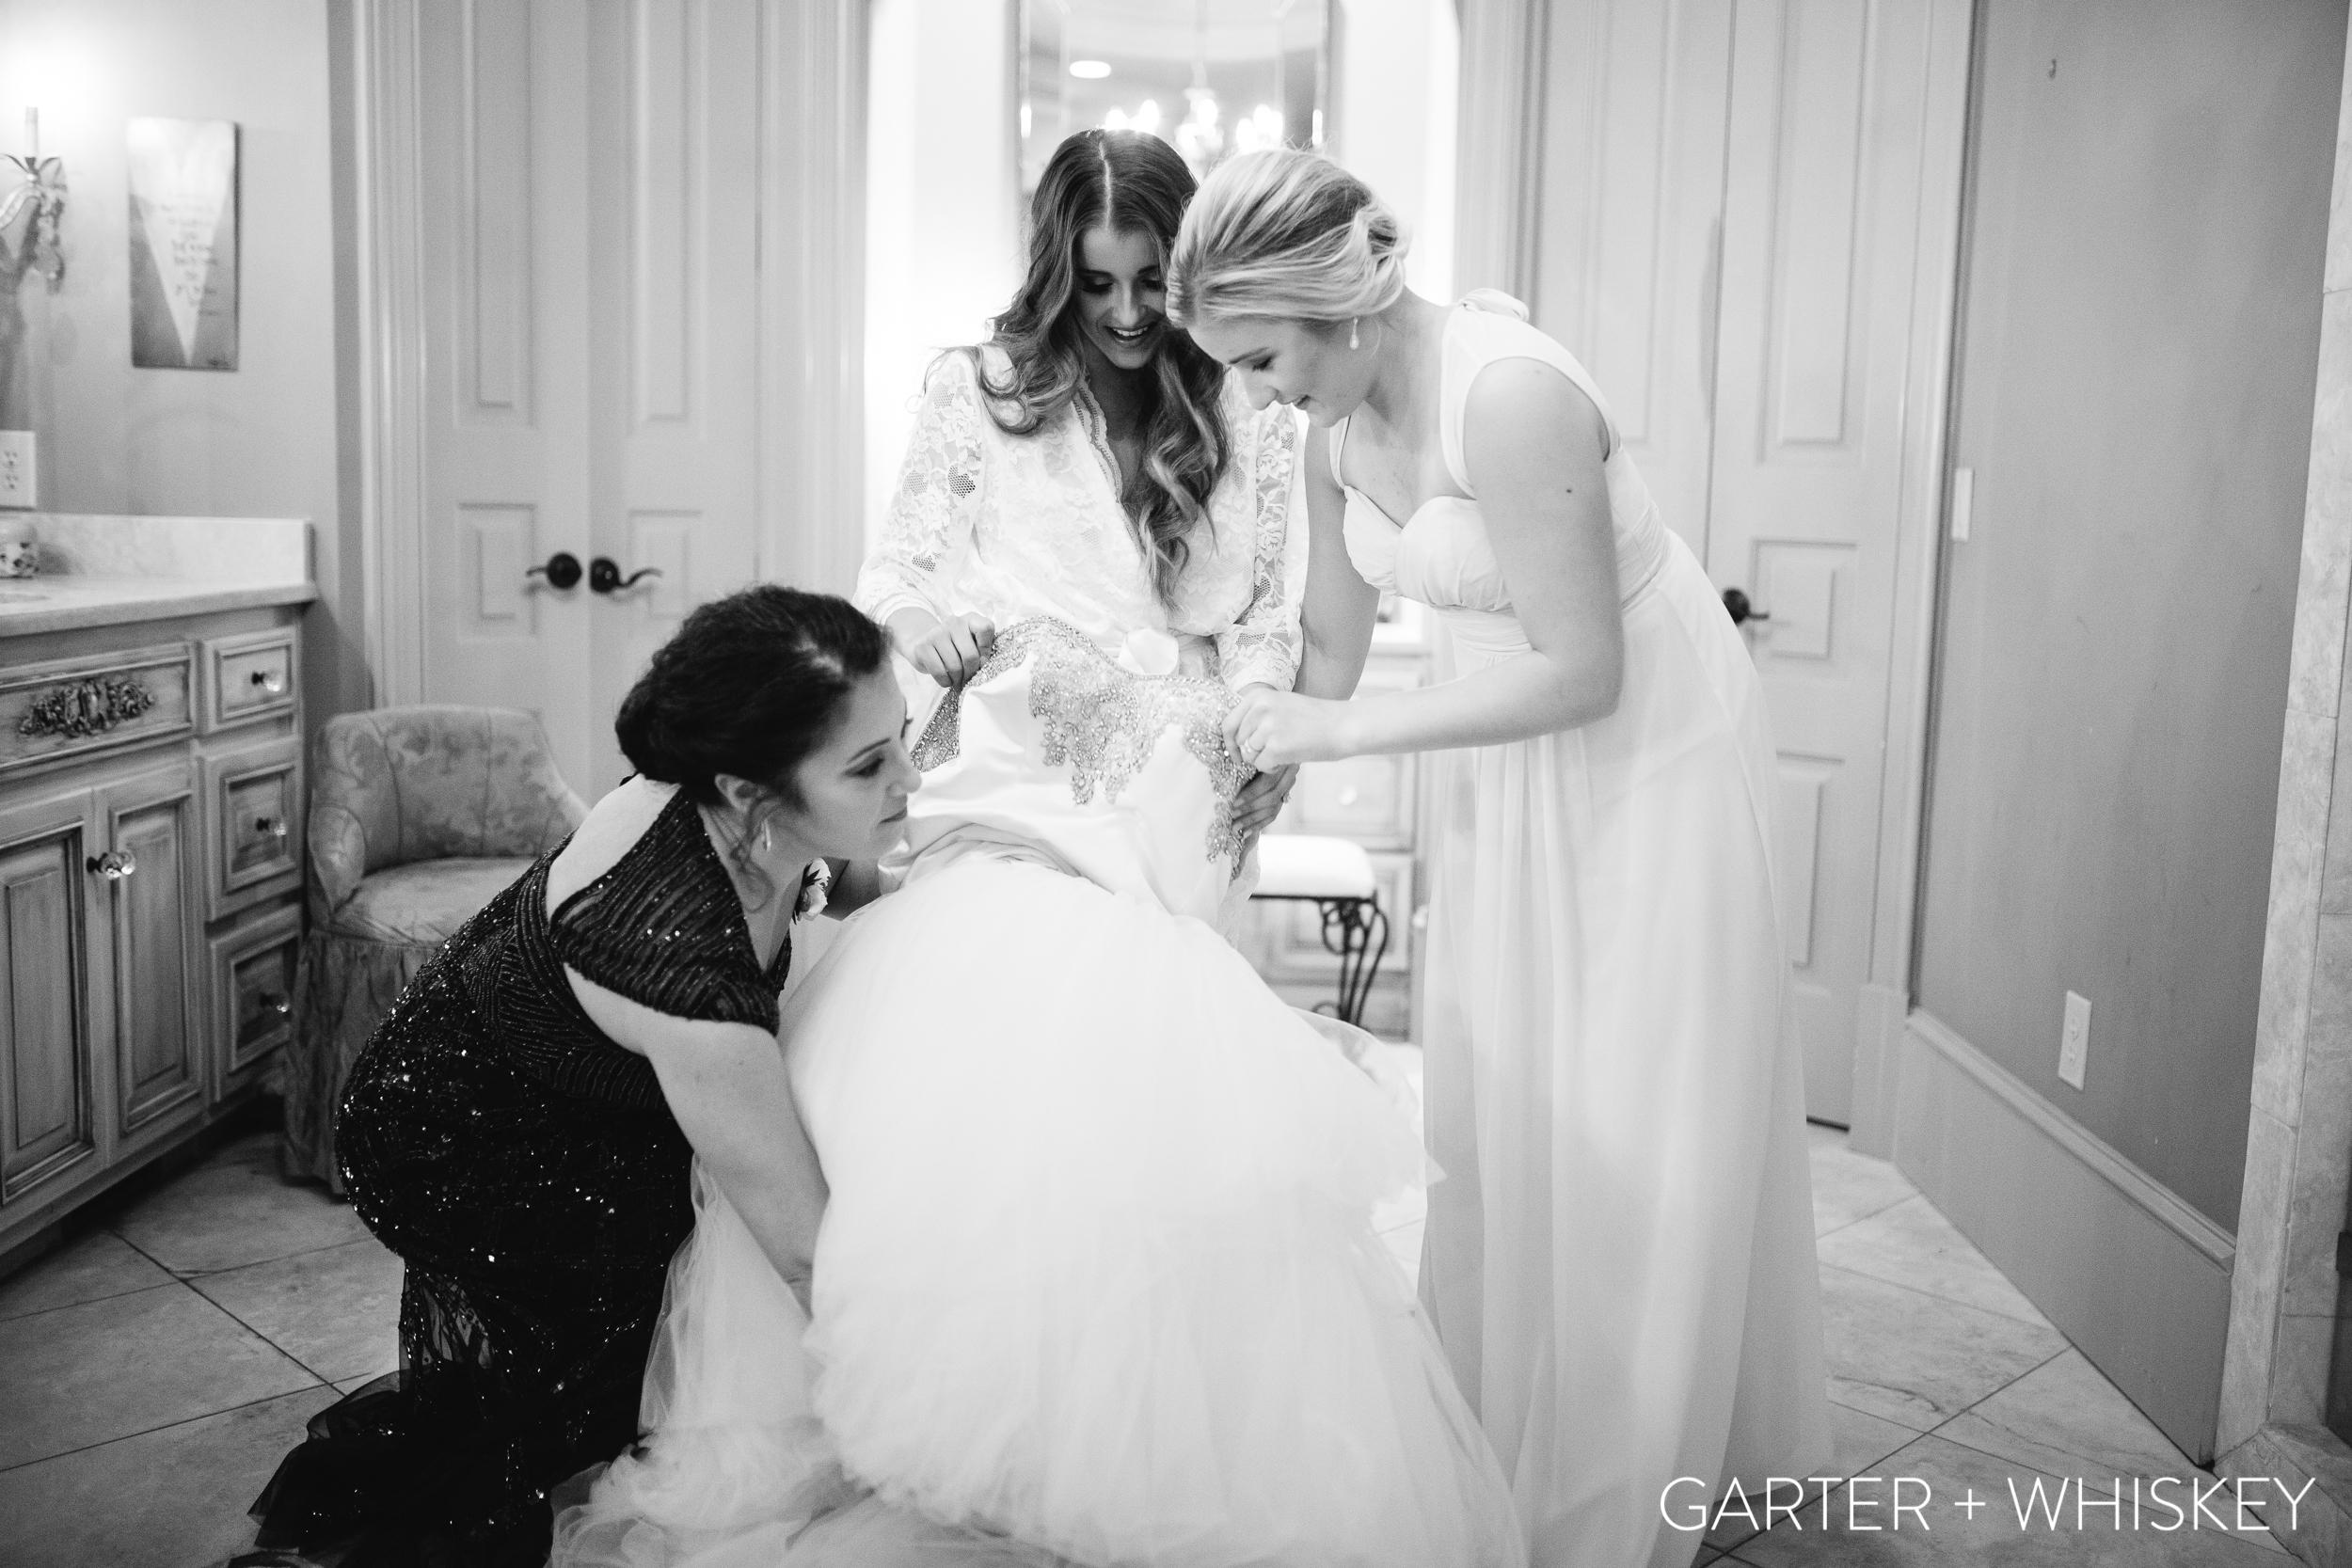 GY5A1162Laskey Wedding.jpg